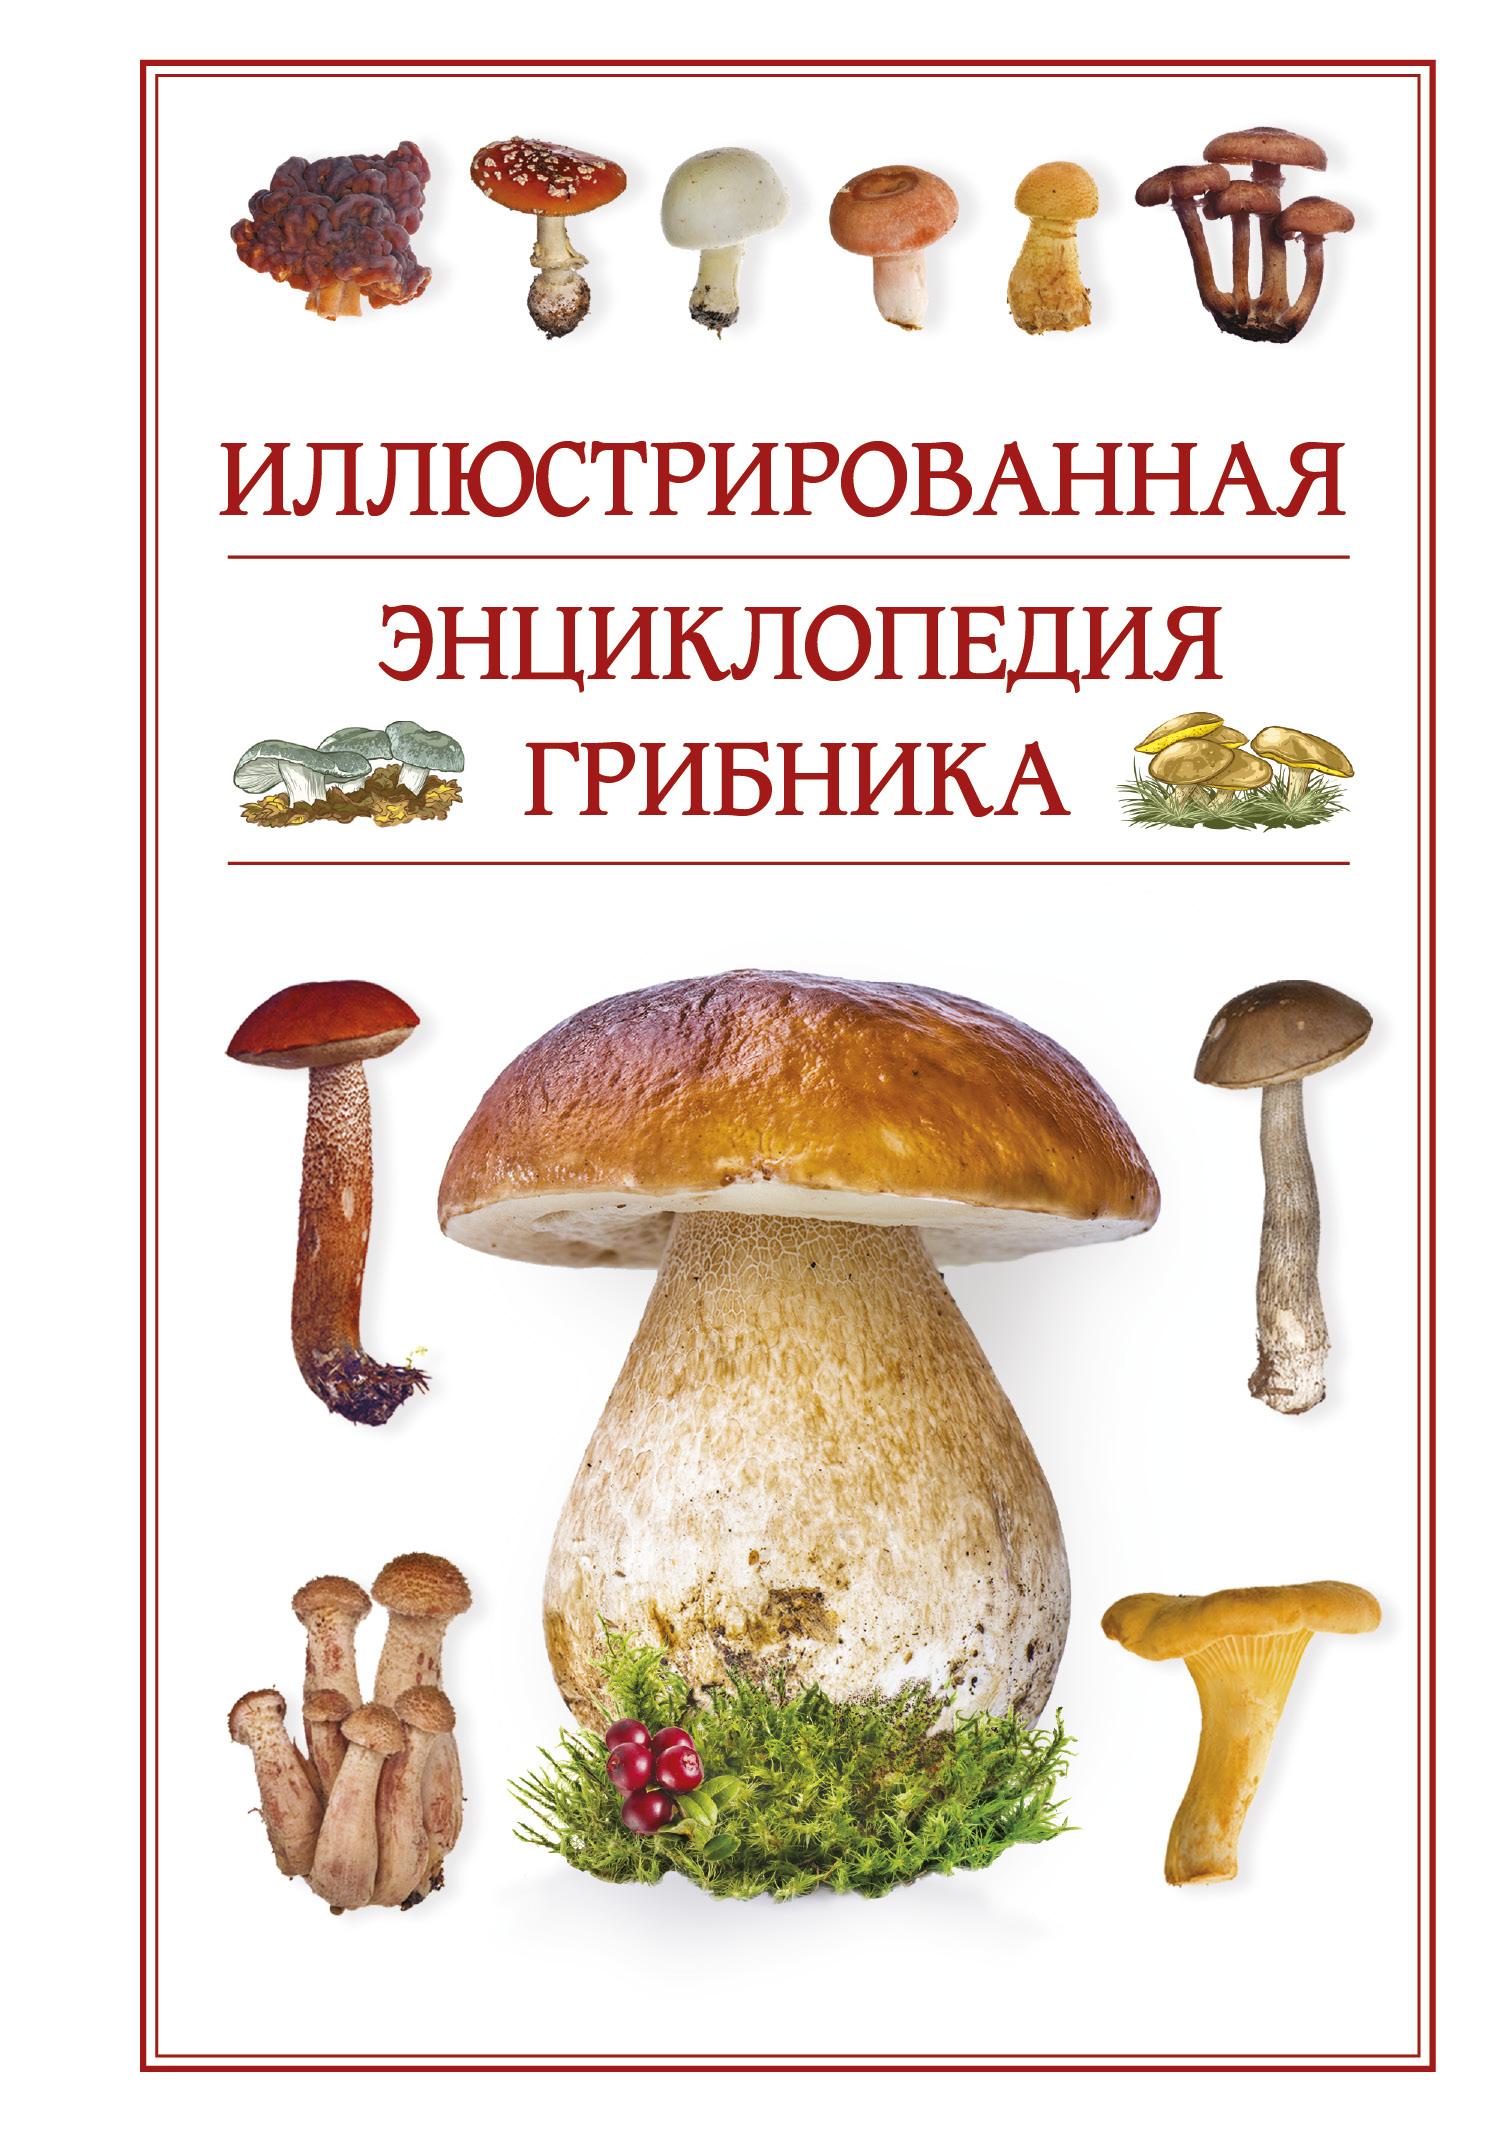 справочник грибника с картинками есть